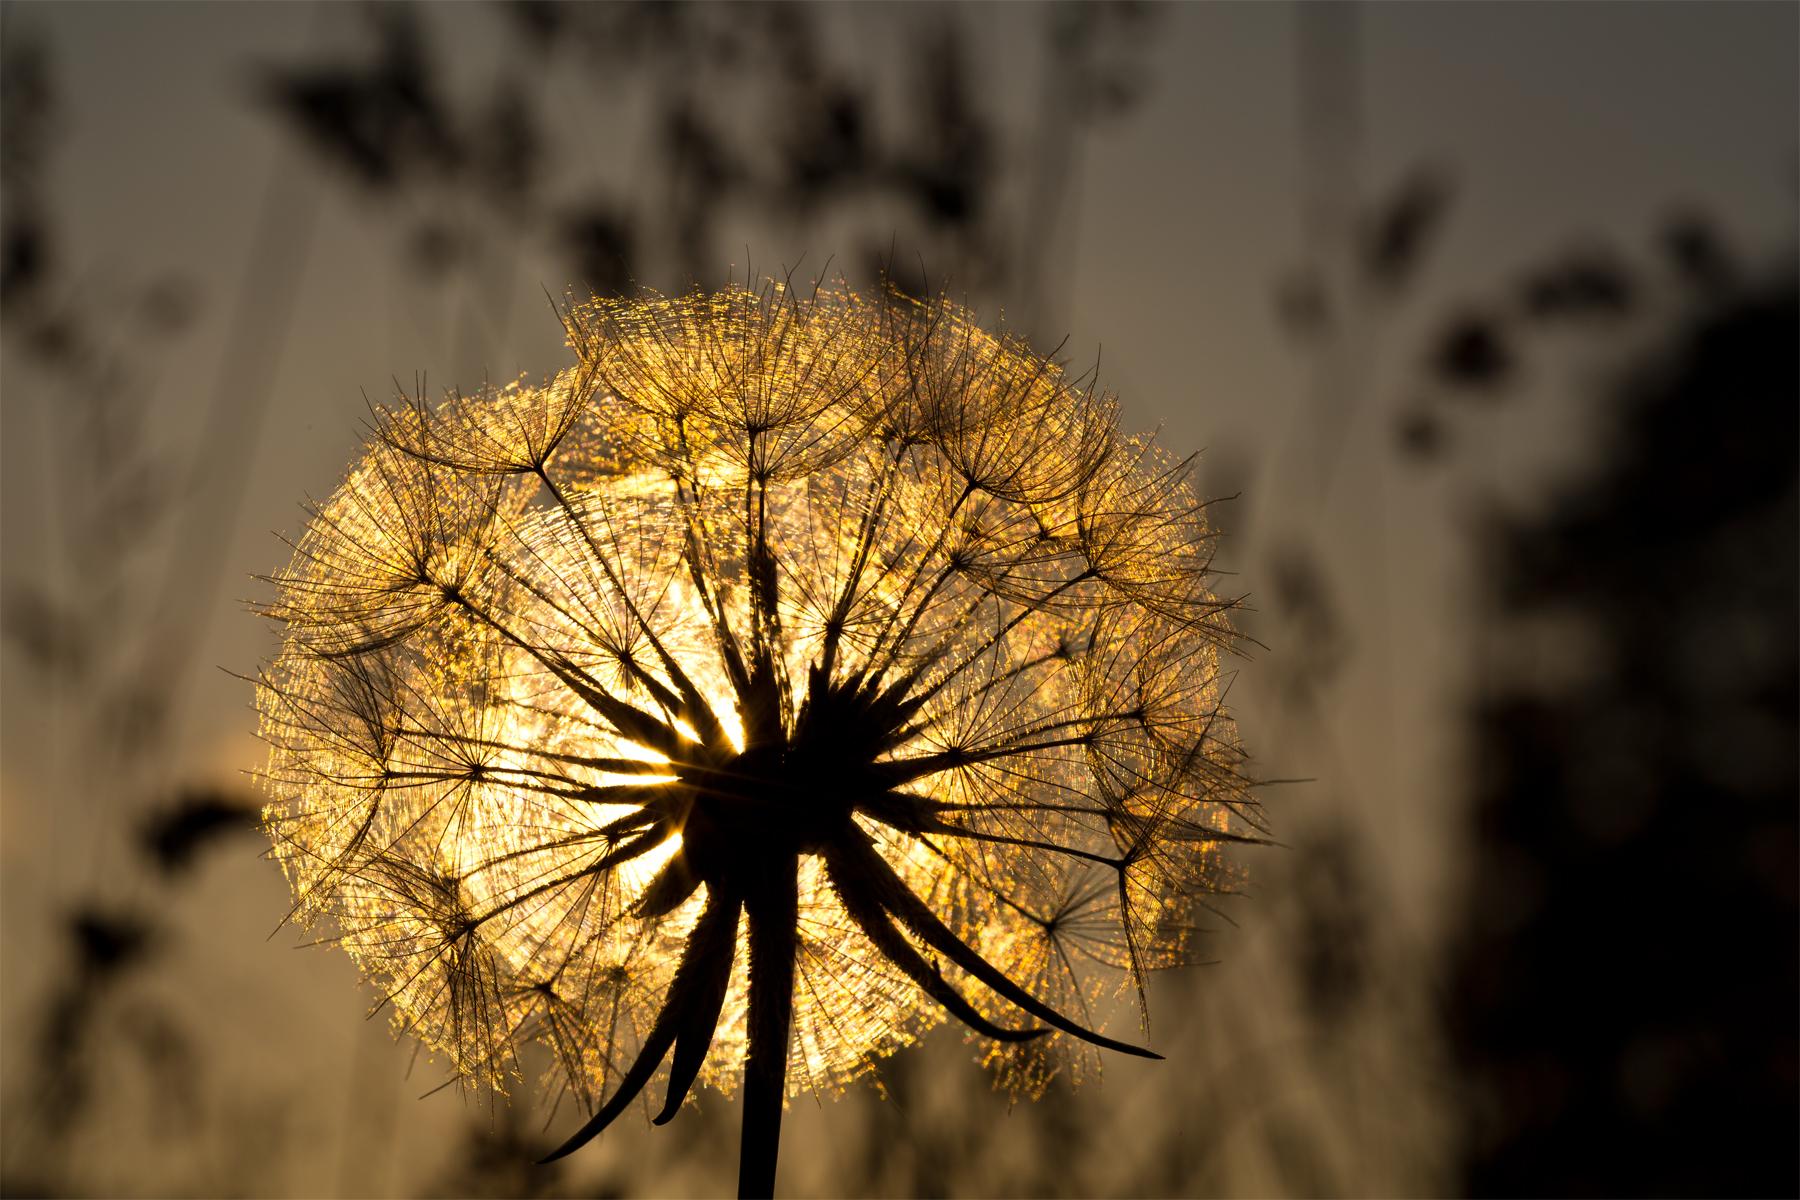 Golden leuchtender Samenstand Wiesenbocksbart